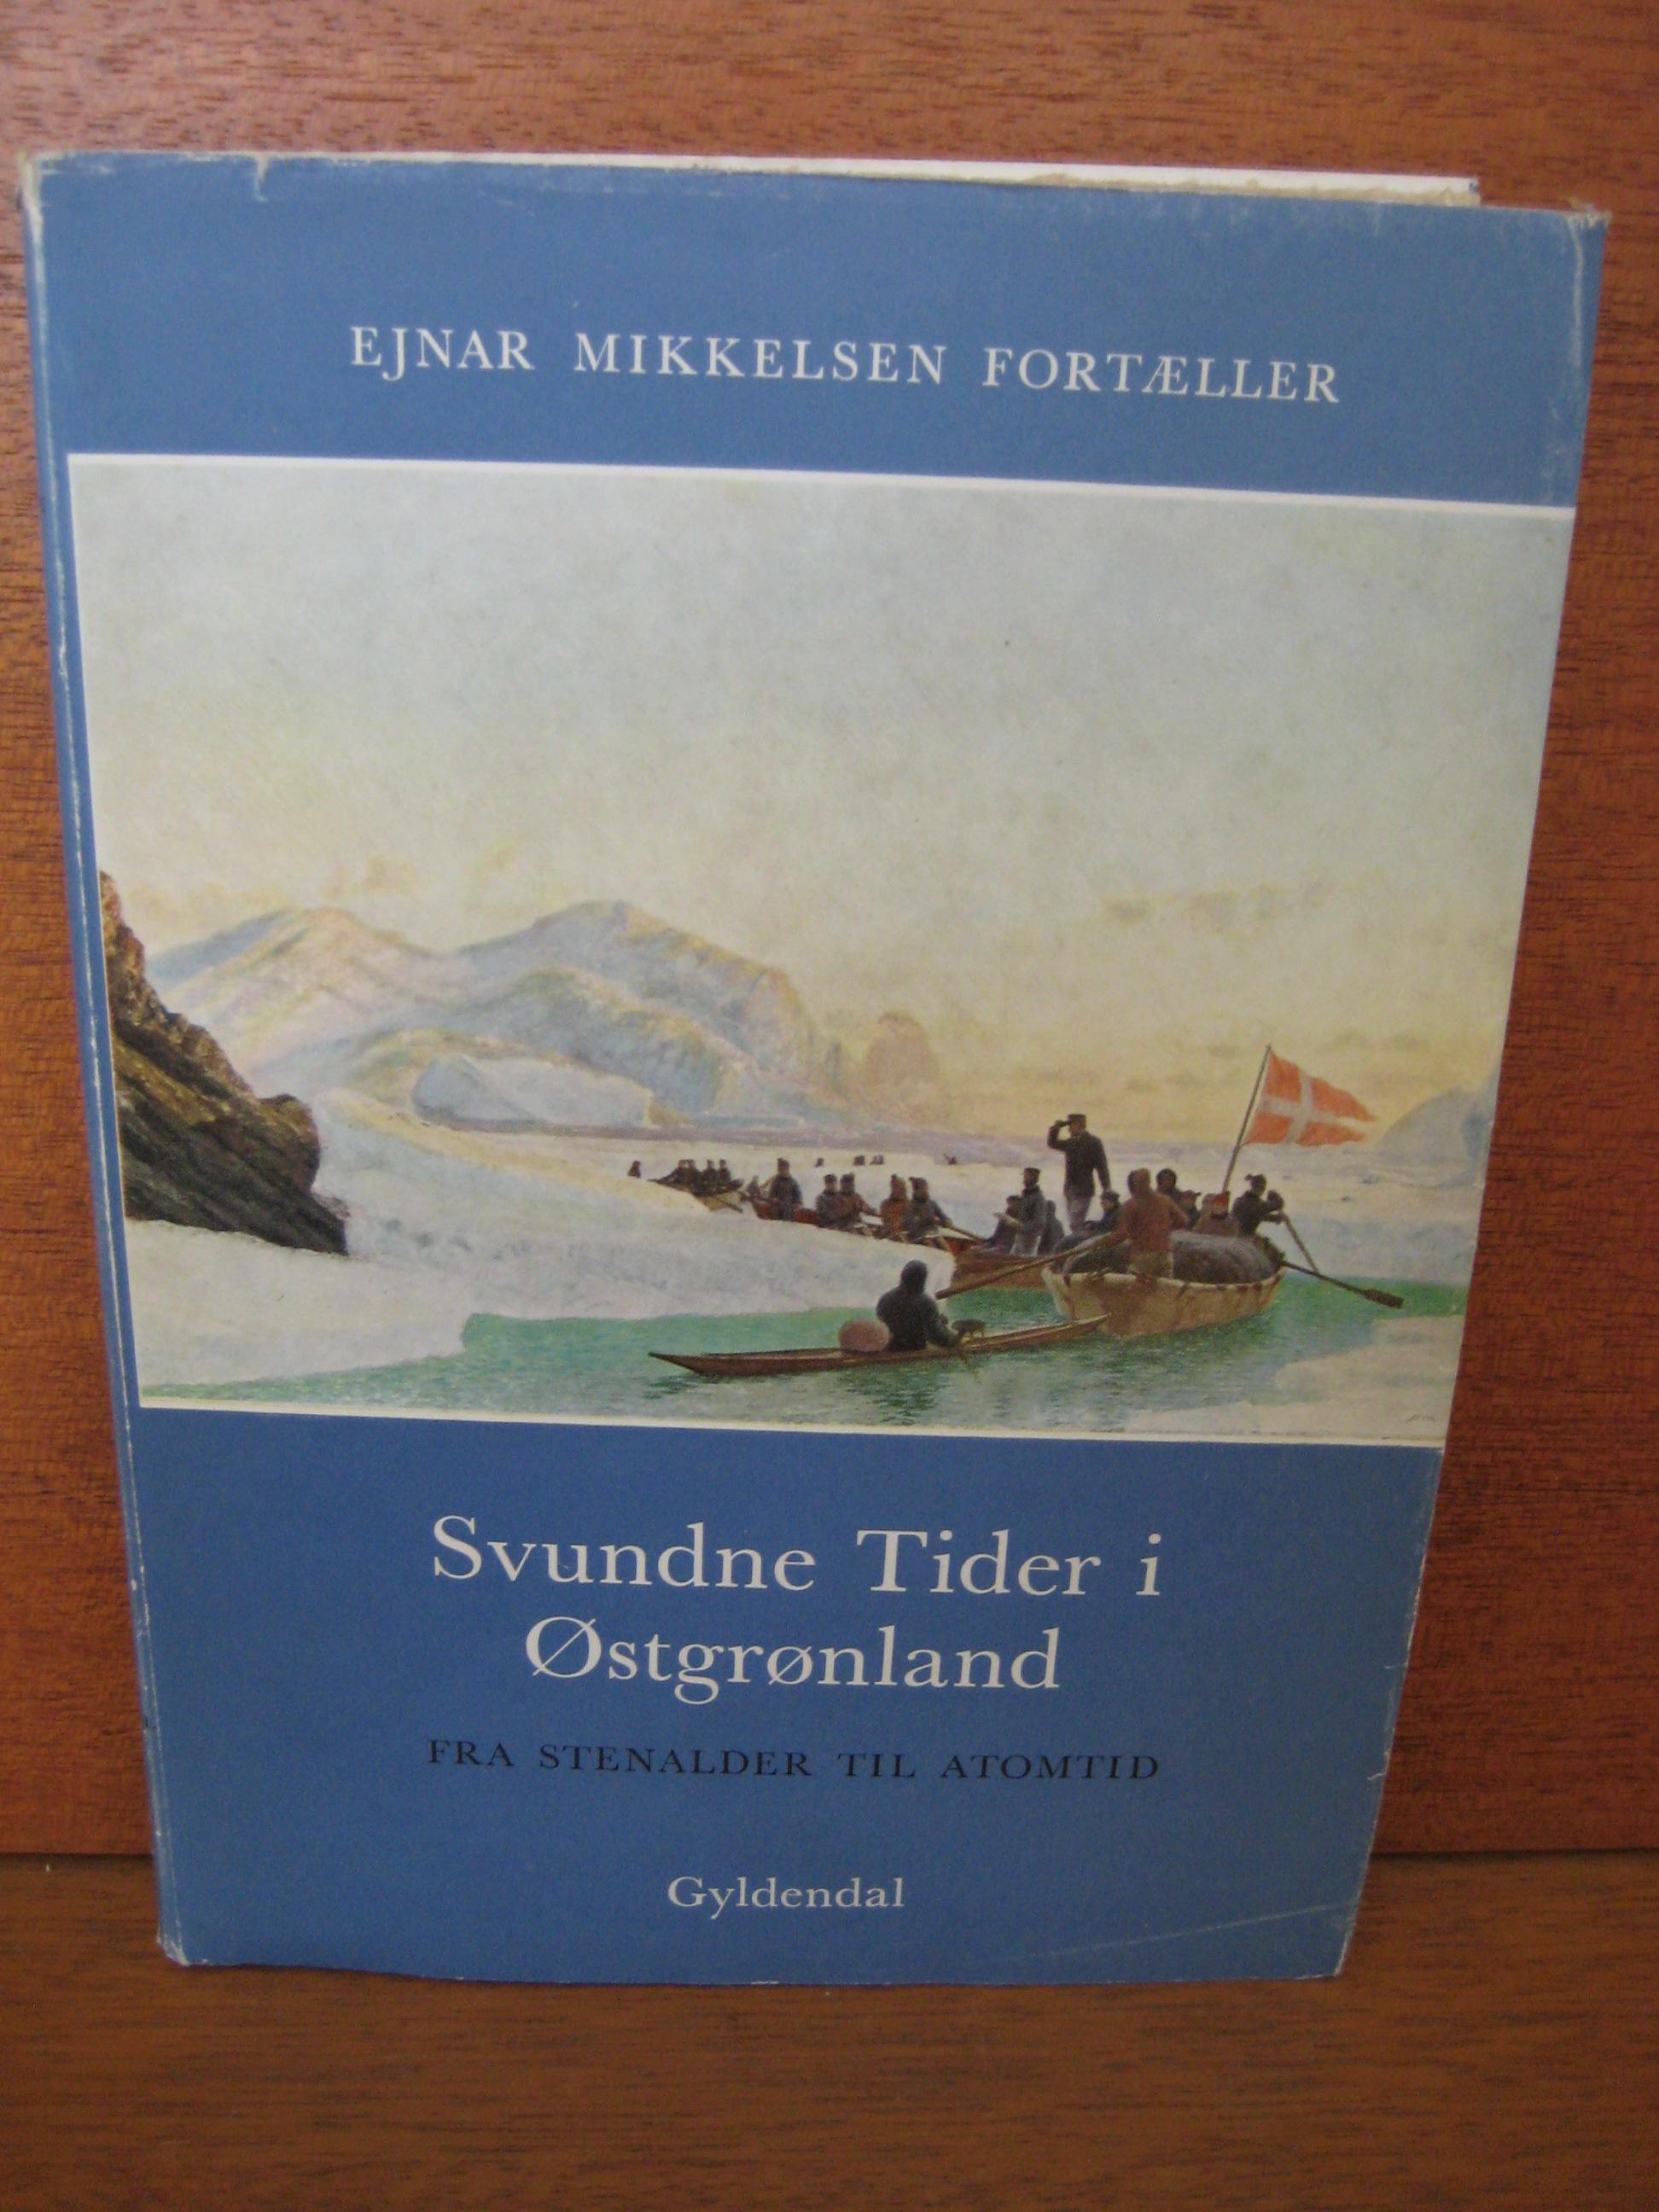 Svundne tider i Østgrønland